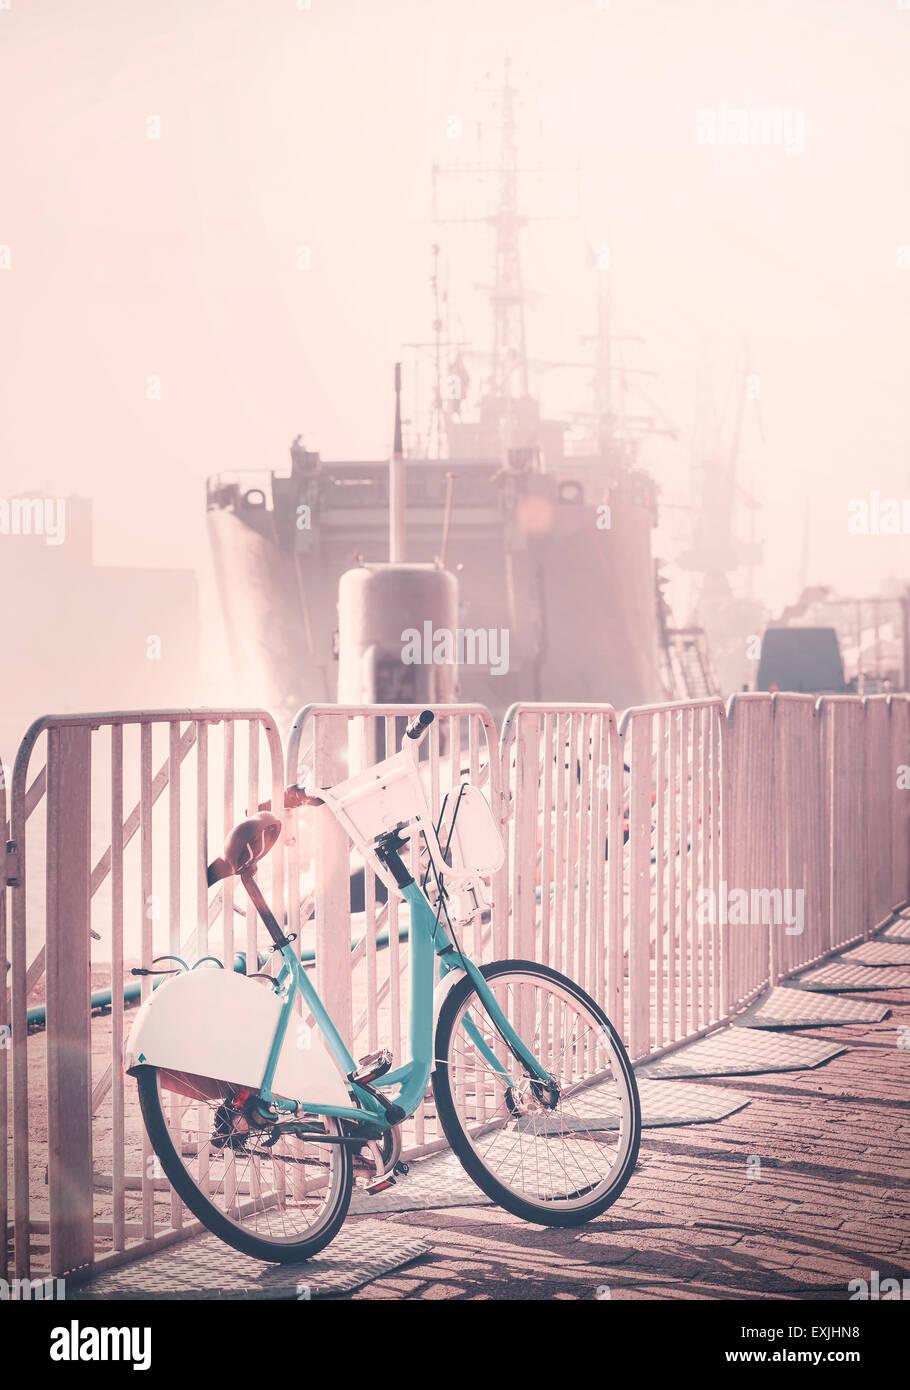 Vintage getönten Fahrrad geparkt Pier mit Schiff in der Ferne, Sonnenuntergang Lens-Flare-Effekt. Stockbild